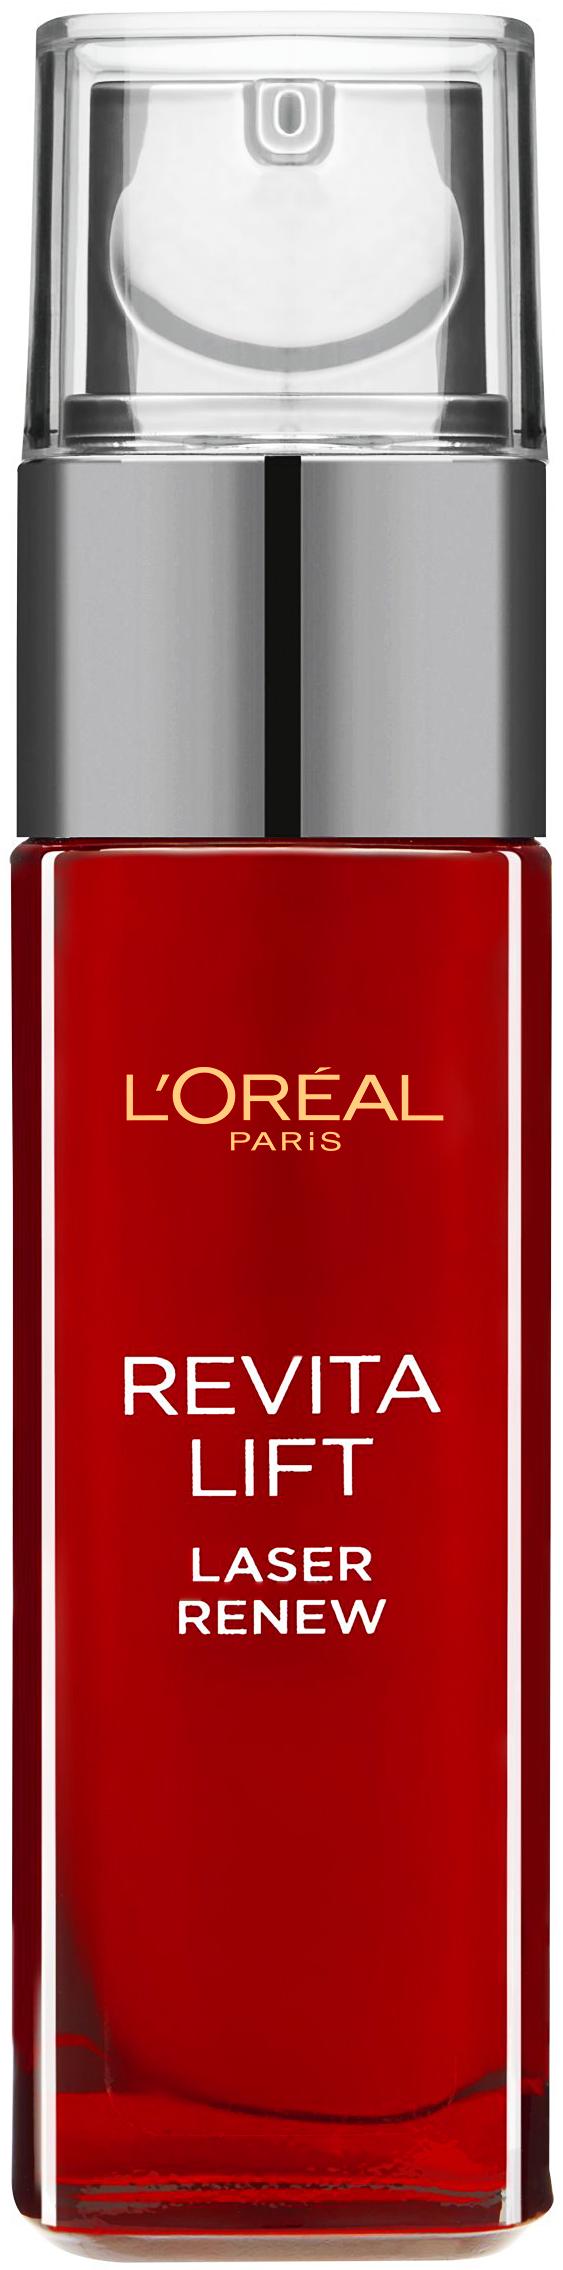 סרום רויטליפט לייזר 30 מ״ל L'Oréal Paris Revitalift Laser Renew X3